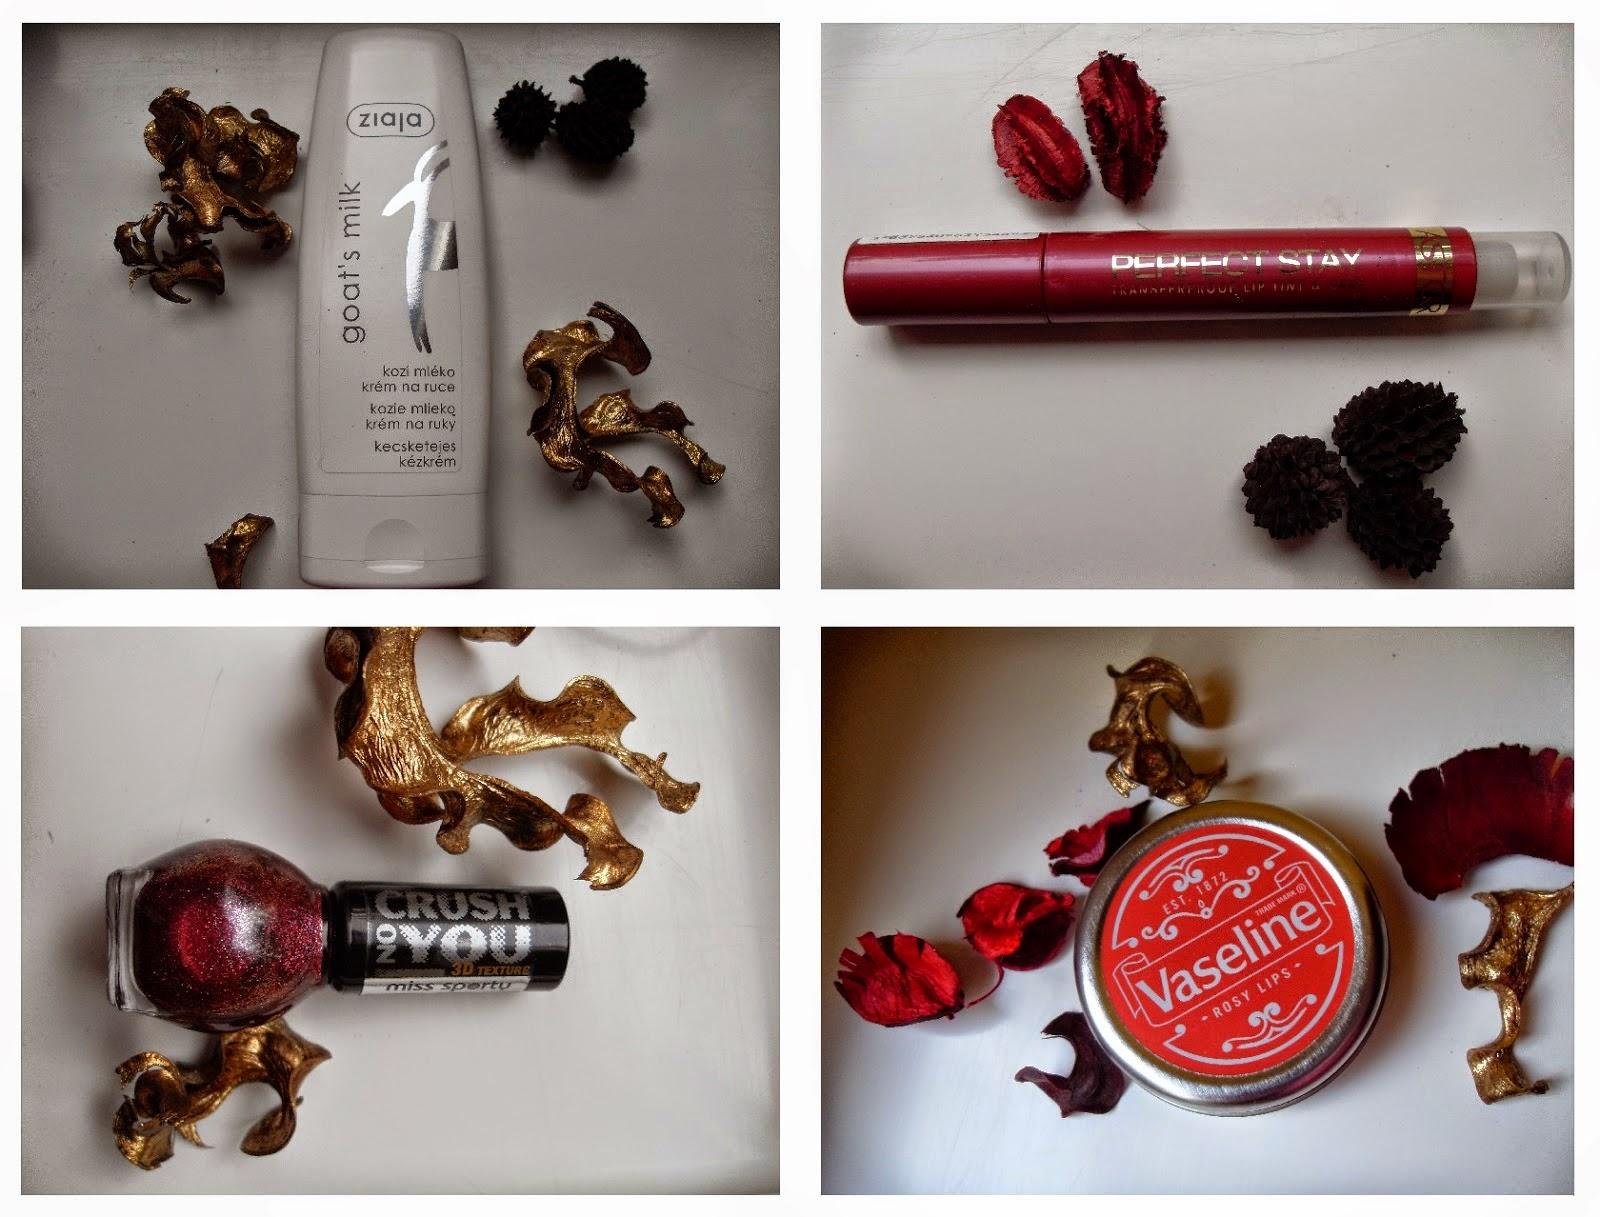 Nyereményjáték a BeautyBerry blogon